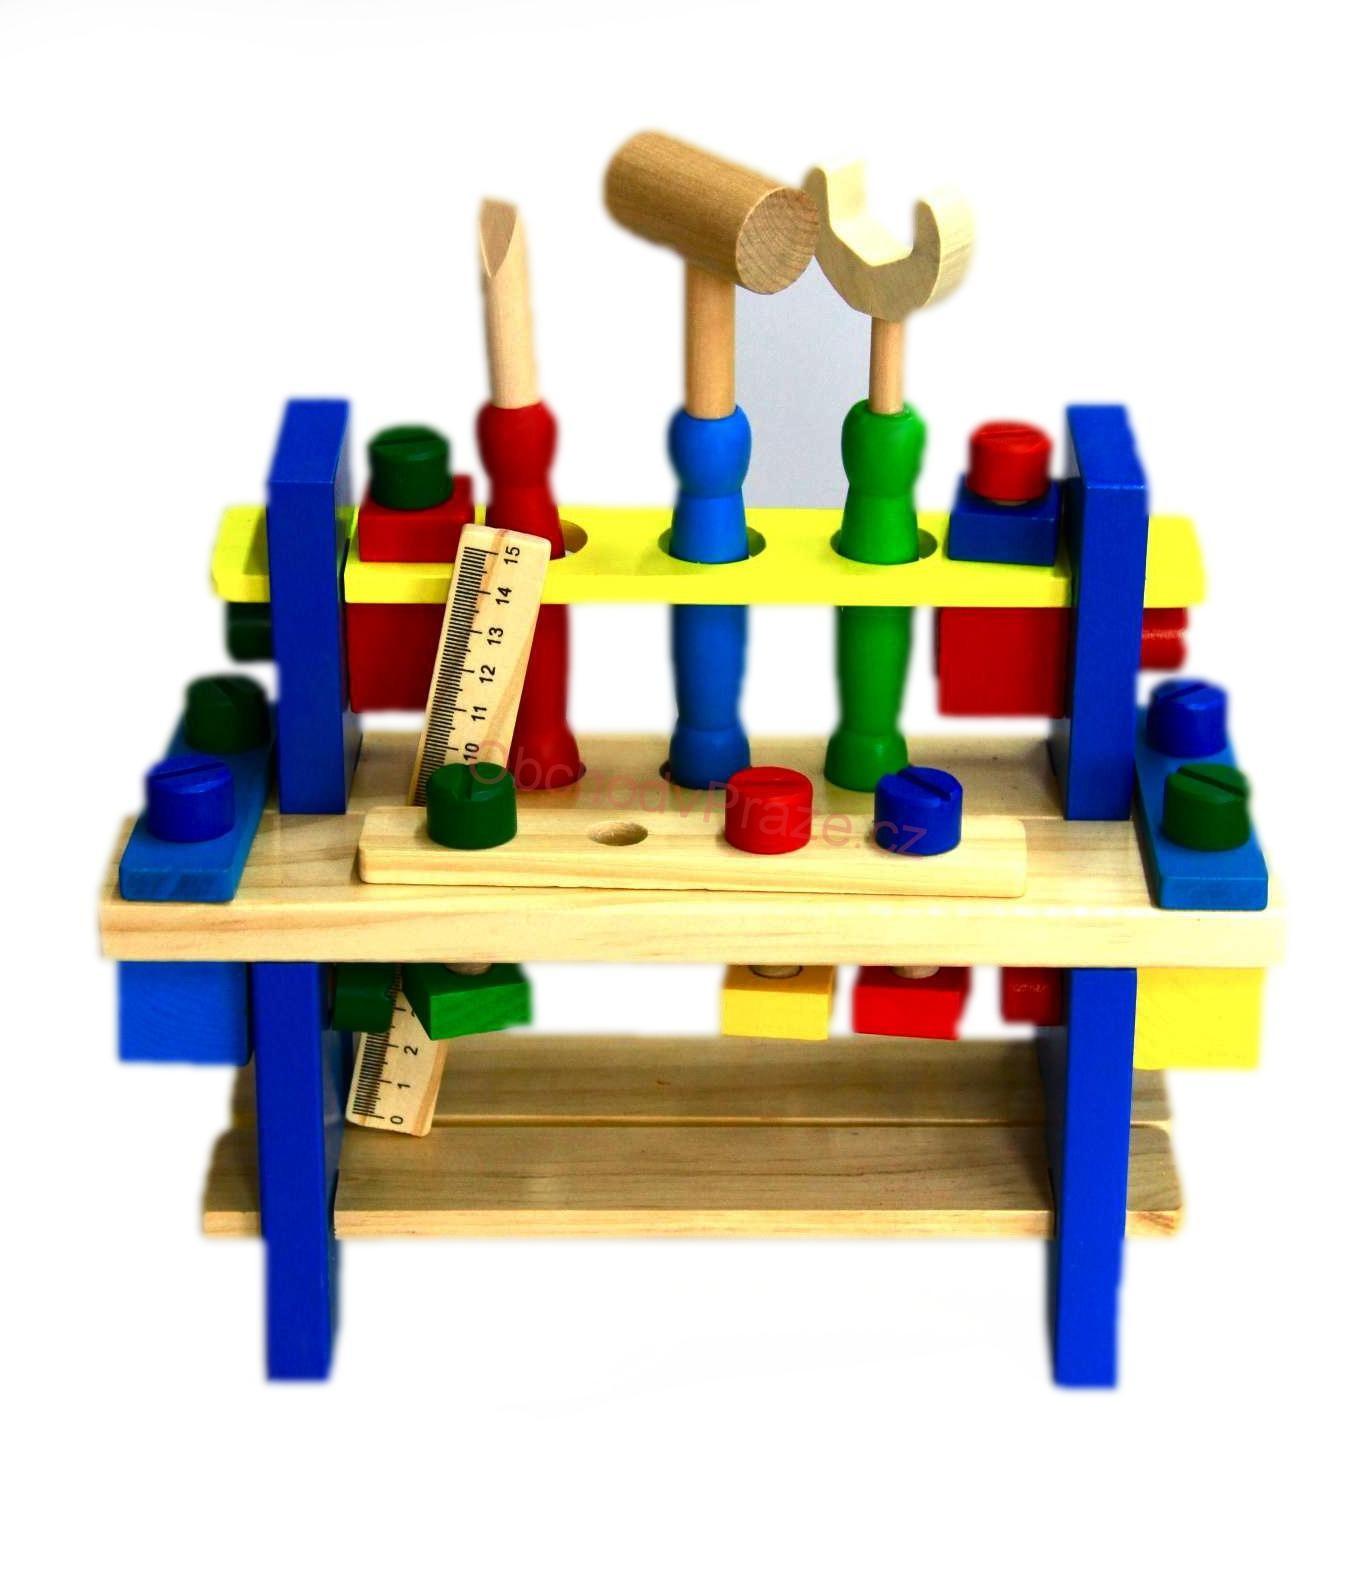 Velká dřevěná sada se stojanem a nářadím Combines the tool wooden toys